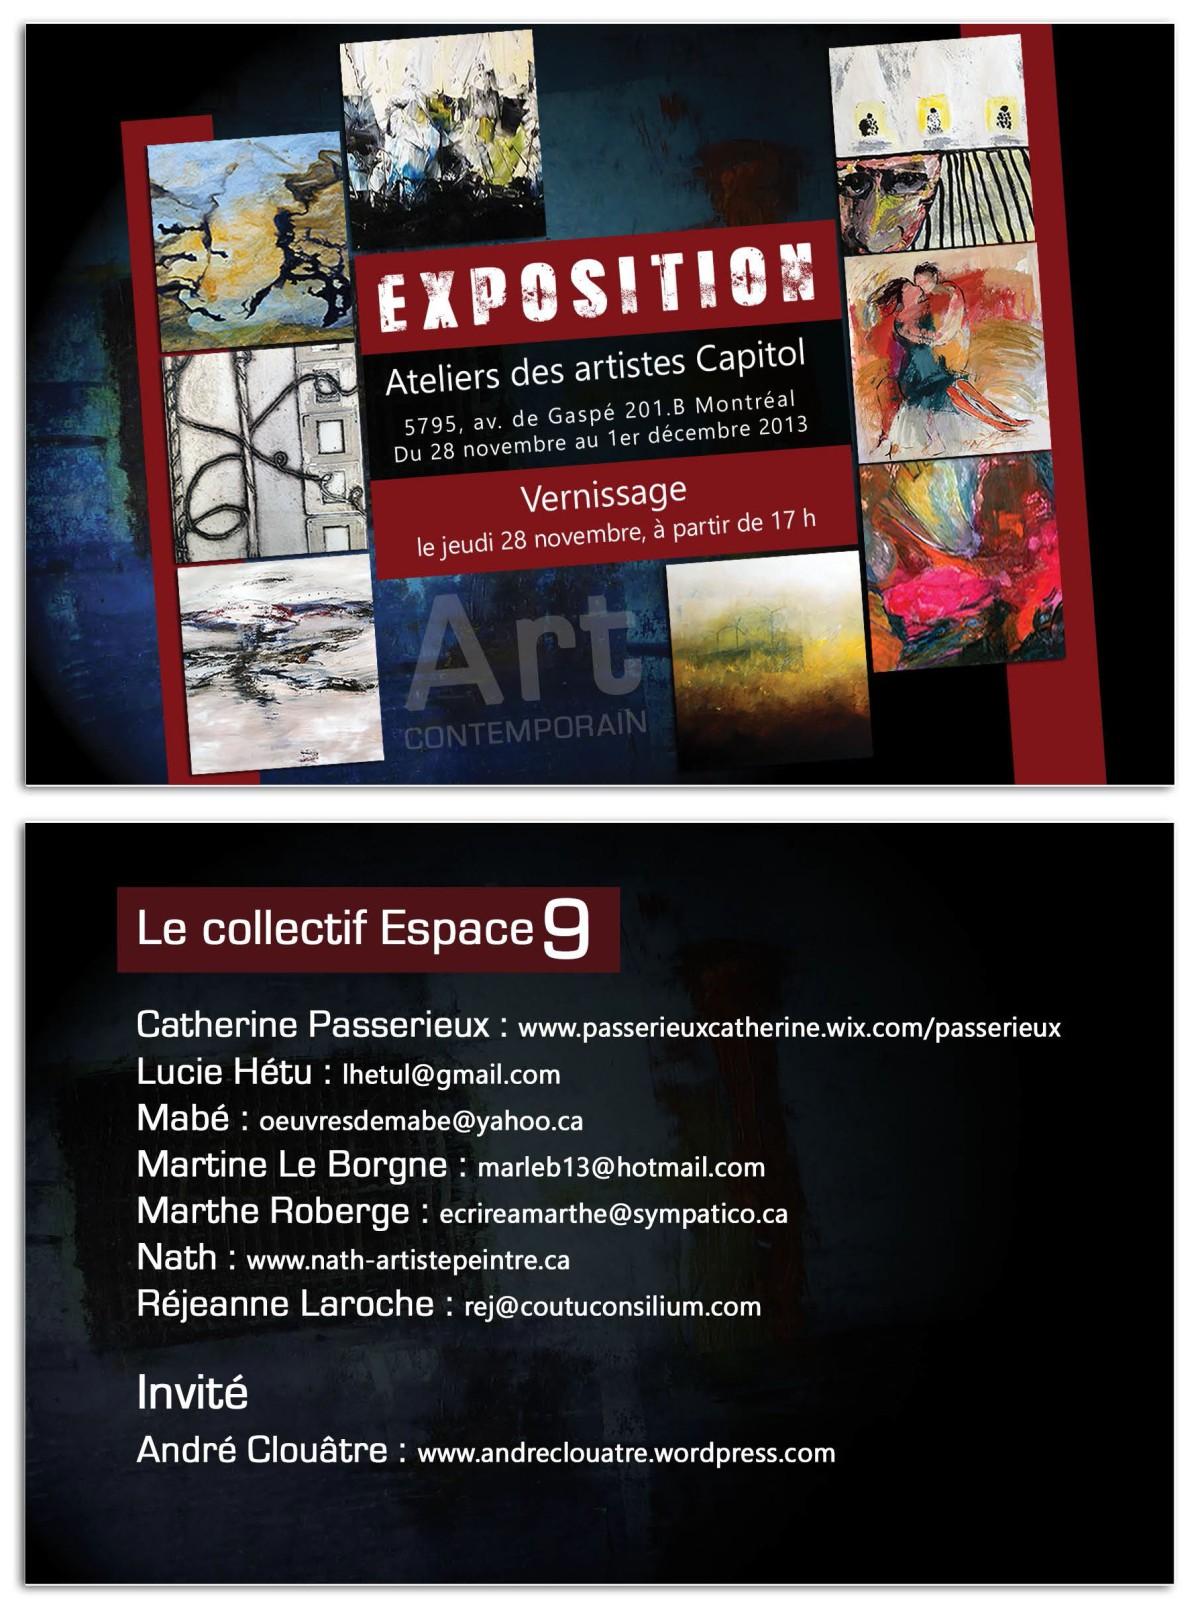 Expo Espace9